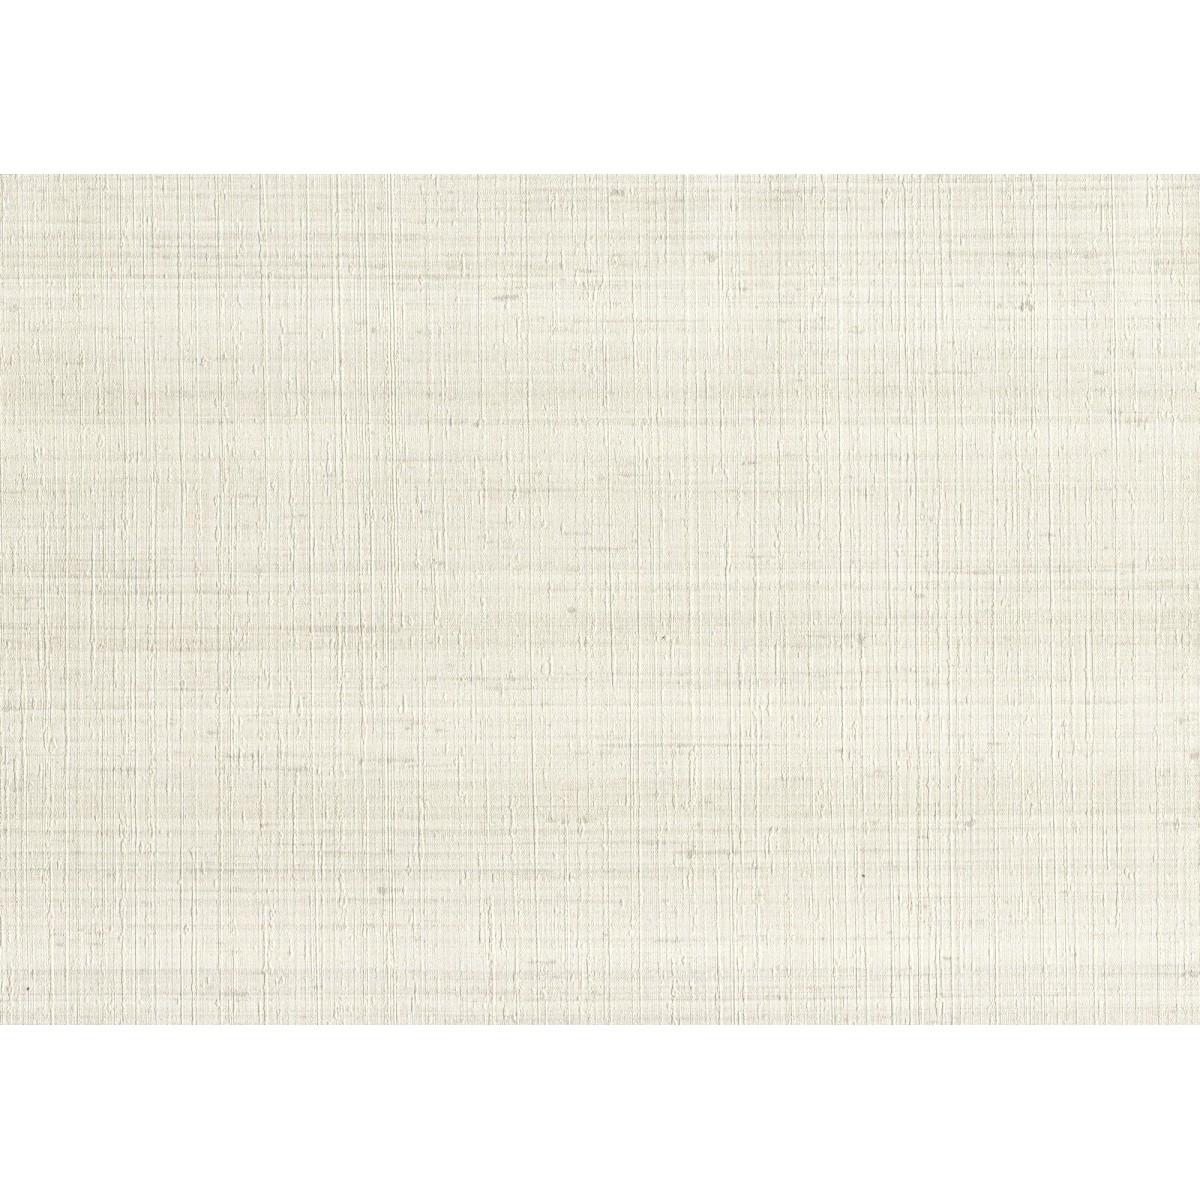 Обои флизелиновые Parato Muralto Florian 2 серые 1.06 м 26865